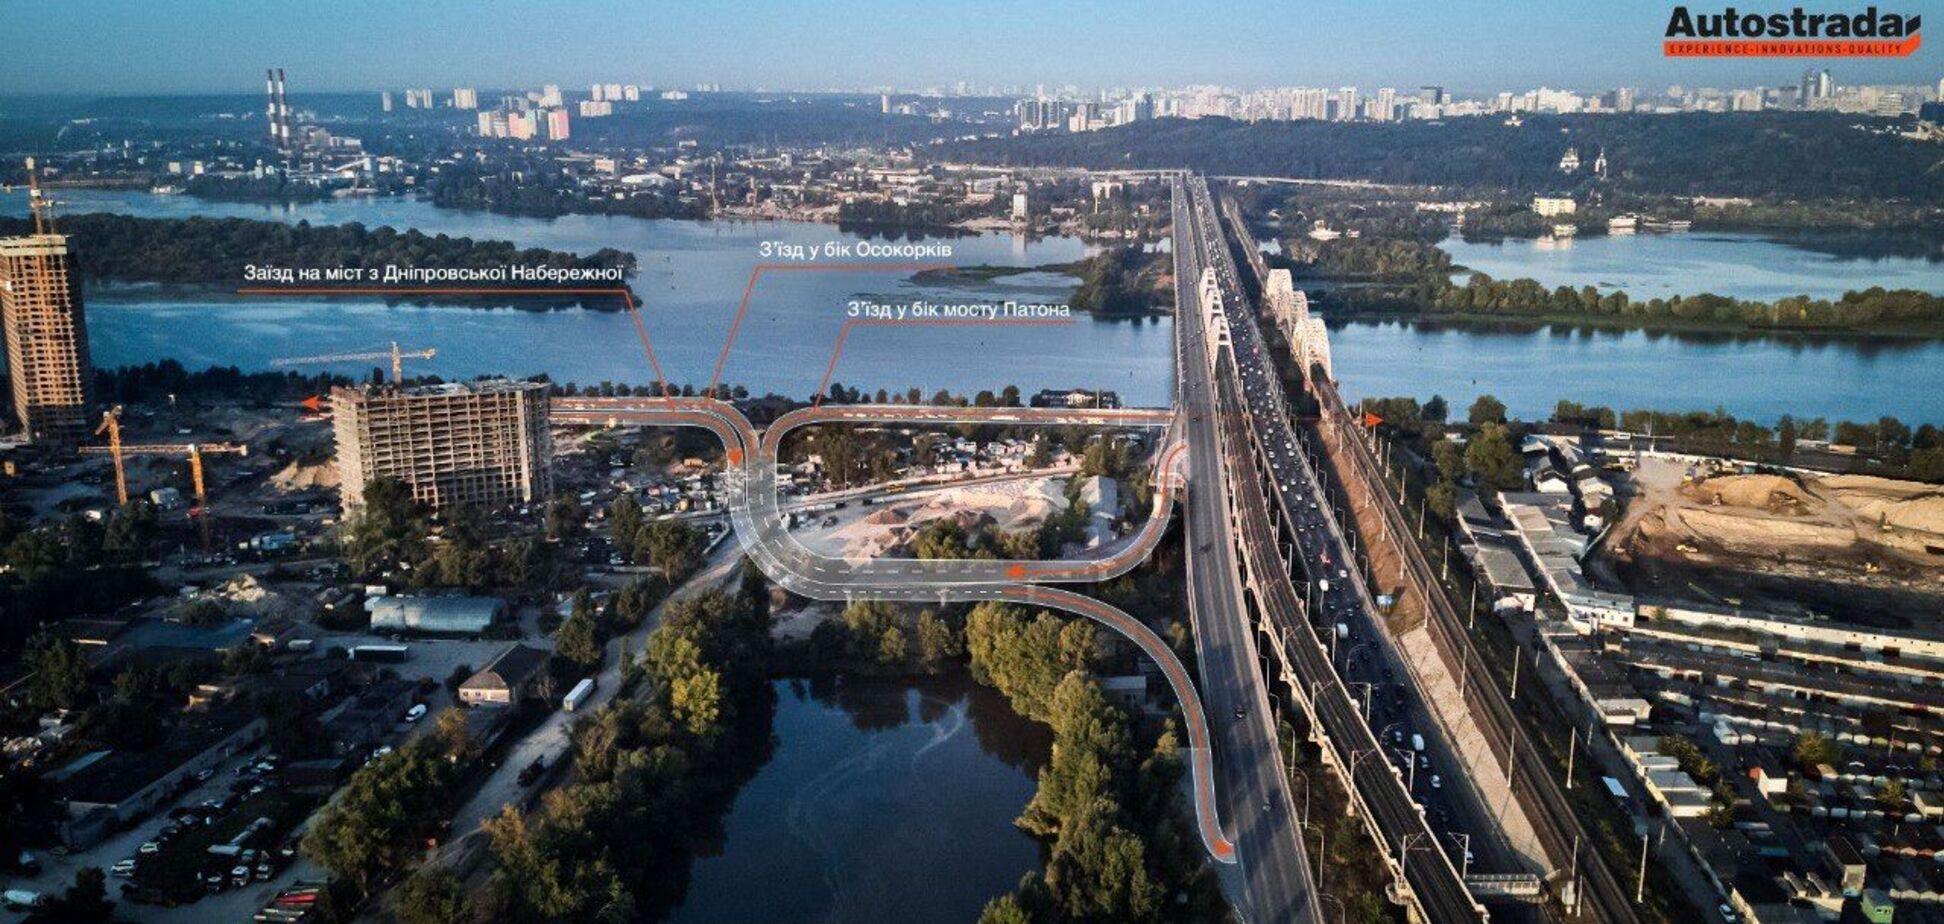 Развязку на Дарницком мосту намерены достроить до конца 2022 года – СМИ